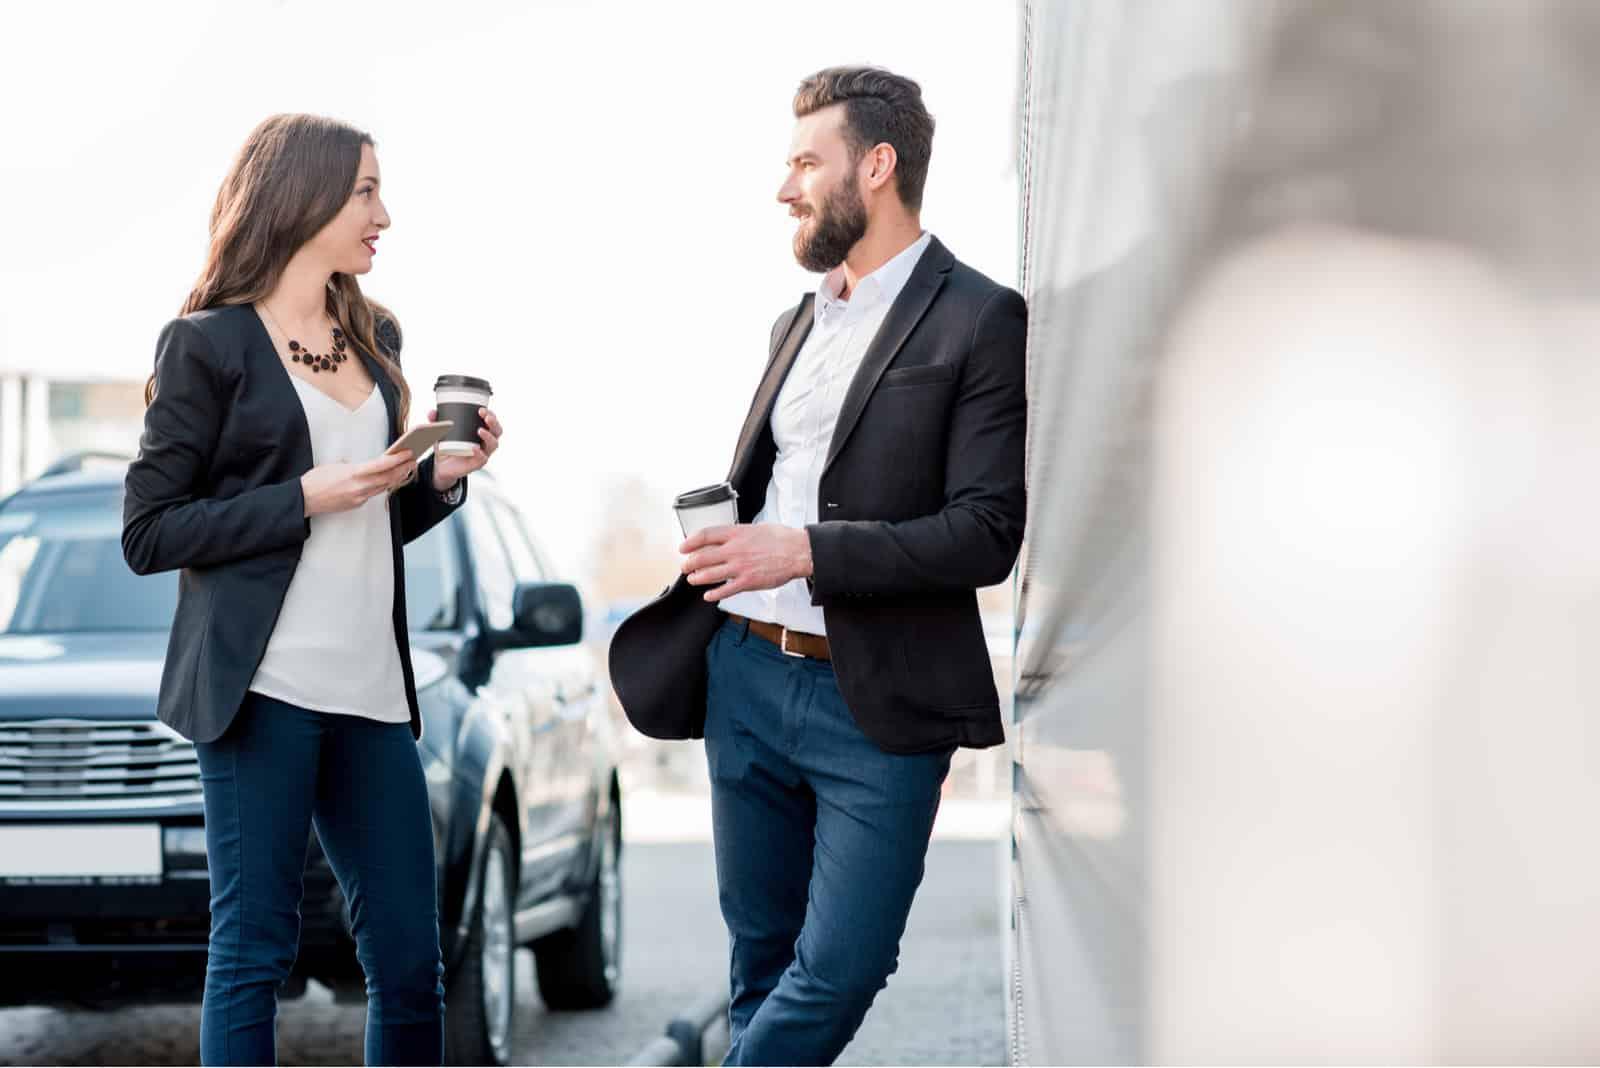 un homme et une femme debout dans la rue tenant du café dans leurs mains et parler